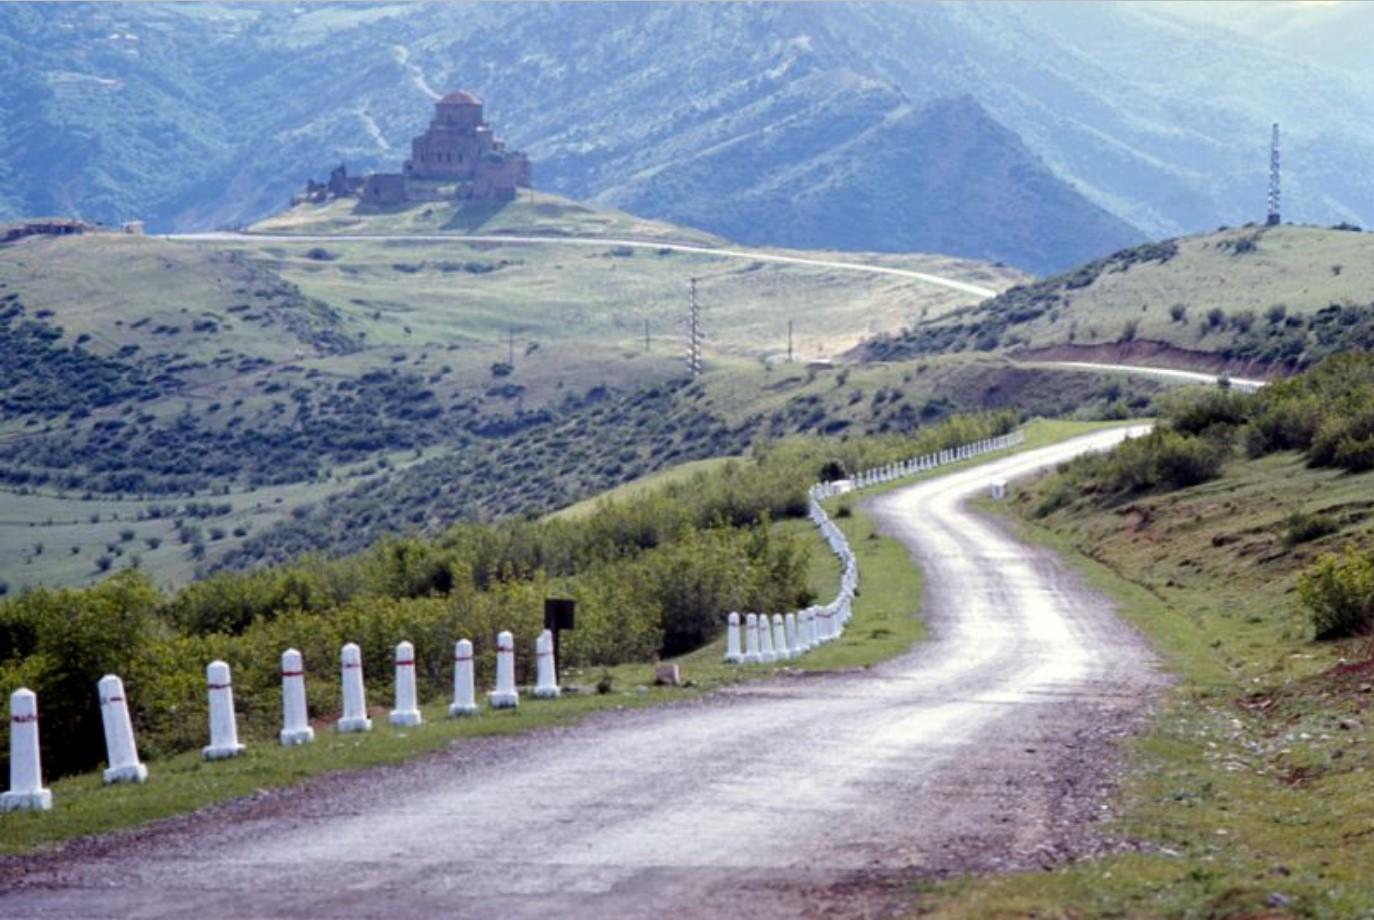 Шоссе недалеко от Мцхеты в горном районе восточной Грузии